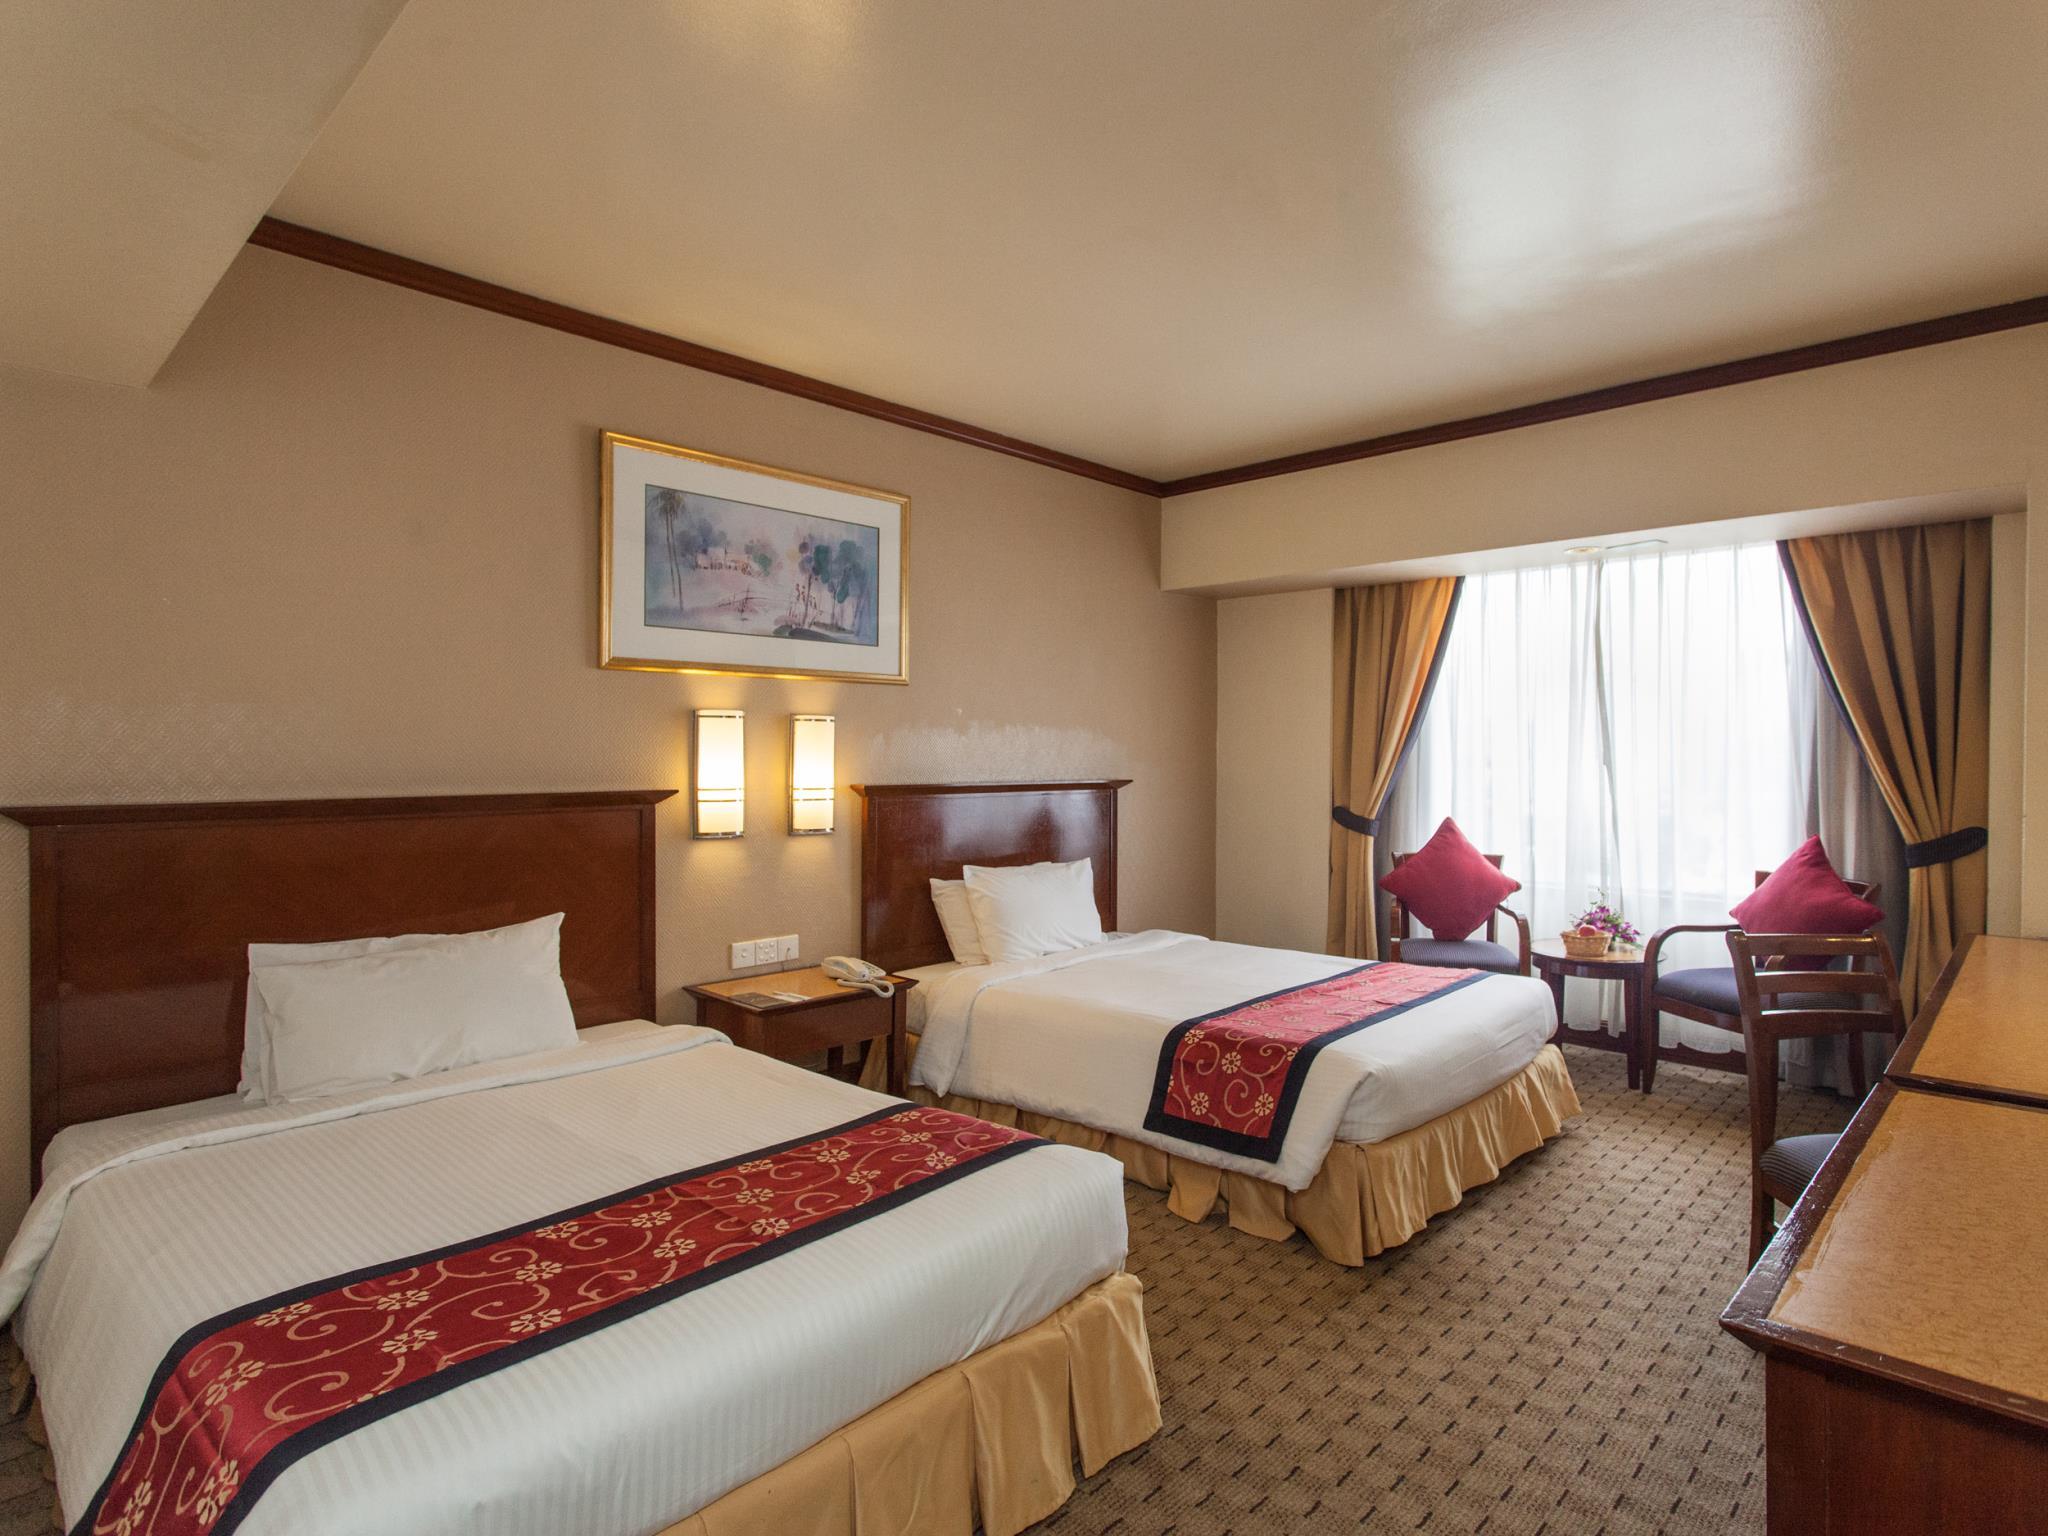 هتل سامیت کوالالامپور سیتی سنتر